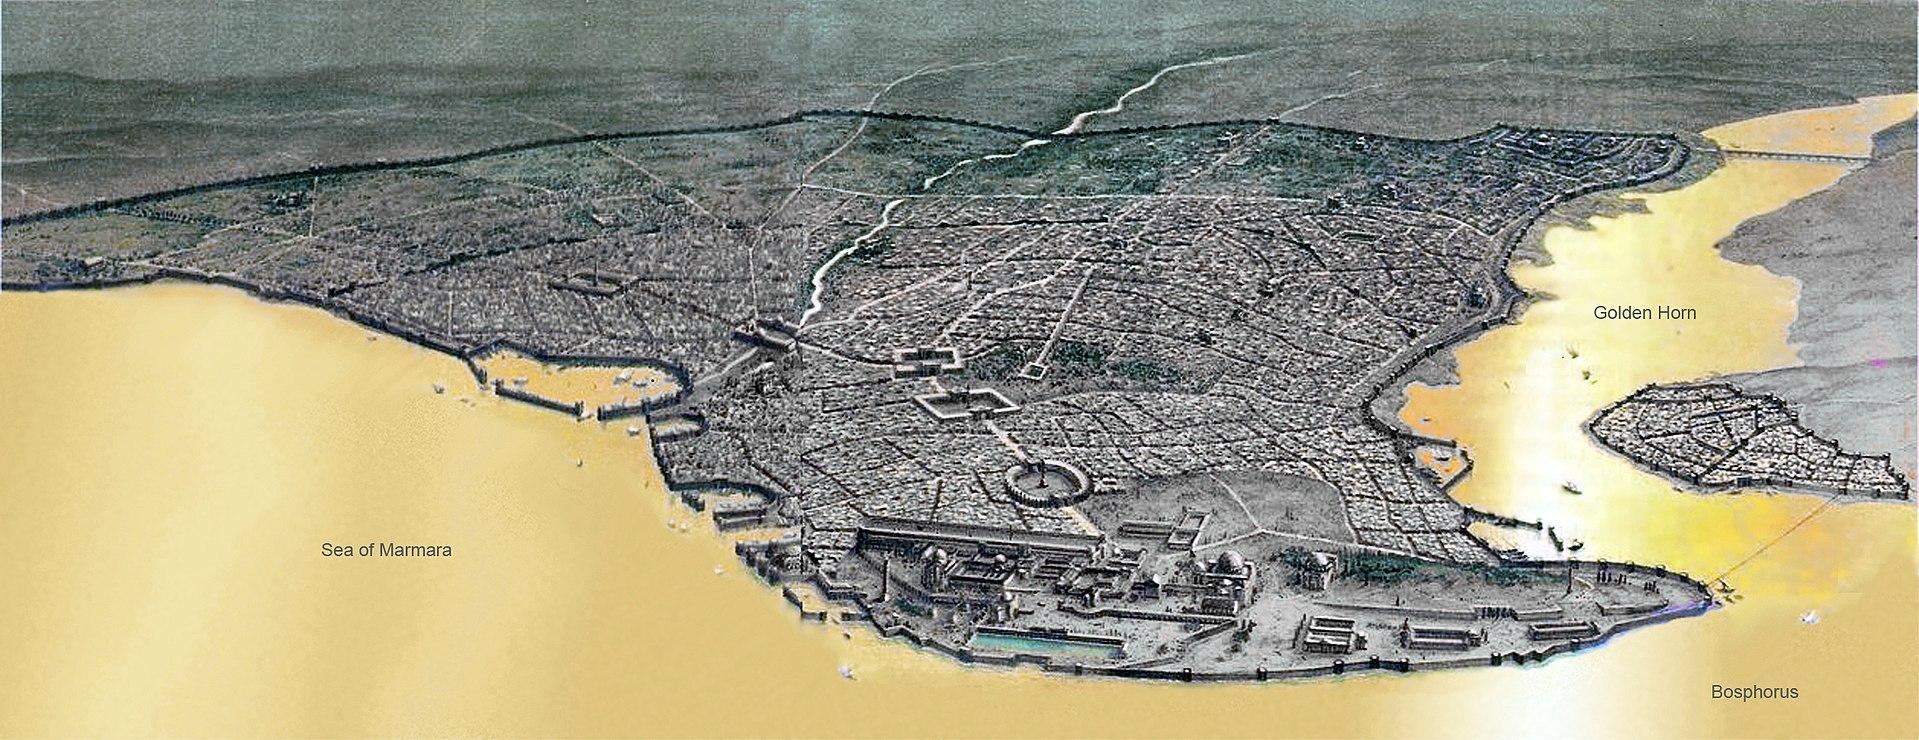 東ローマ帝国時代のコンスタンティノープル